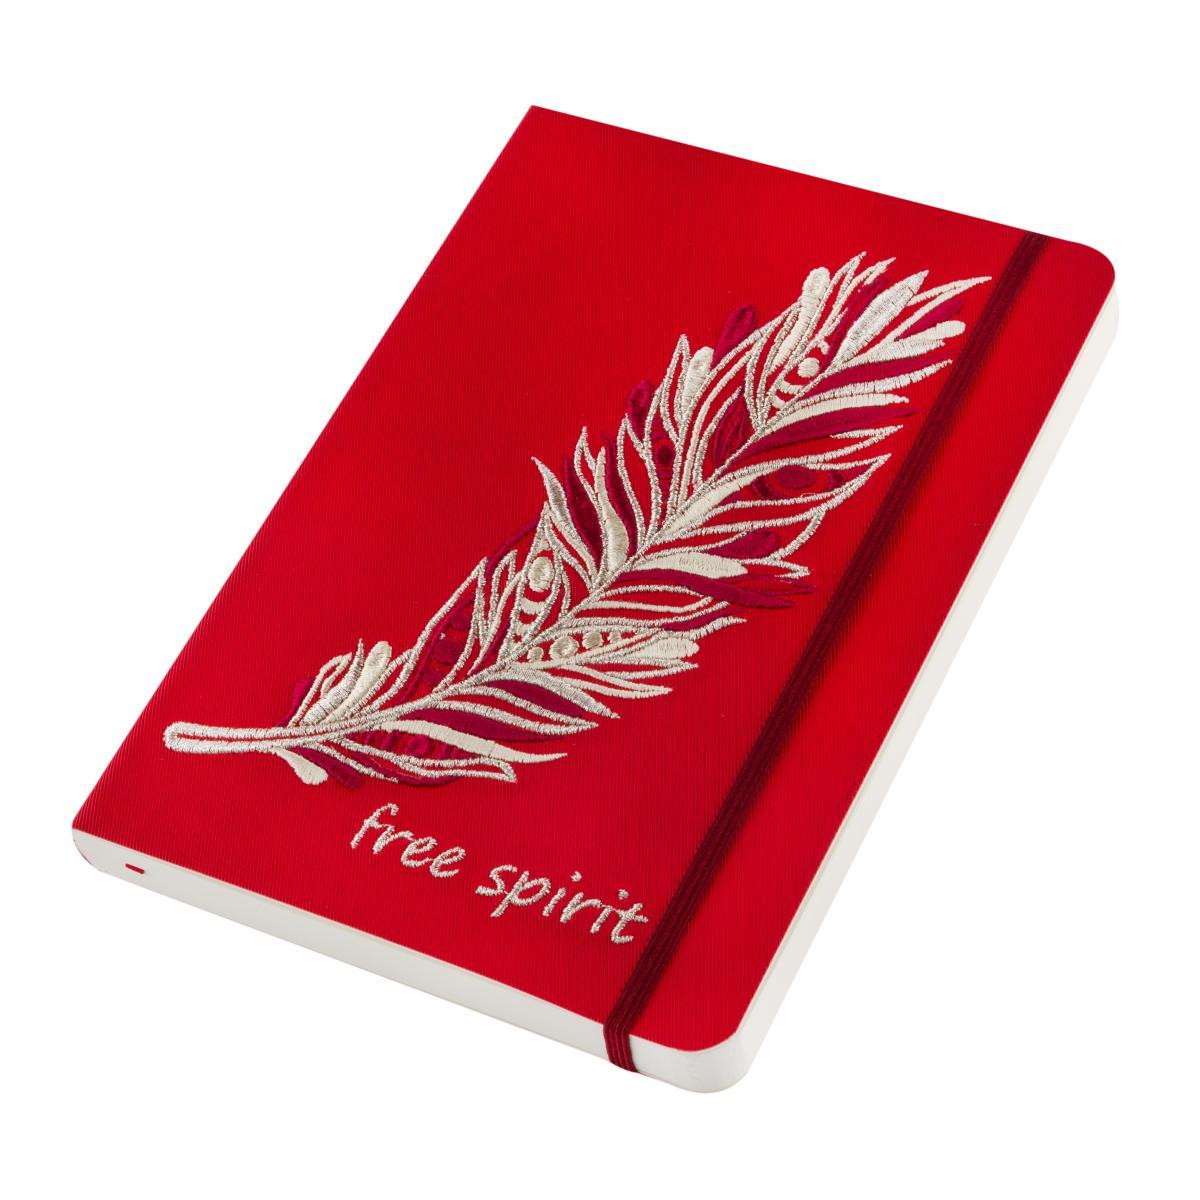 Блокнот из эко-кожи с вышитой пером Free spirit, красный. Фото №2. | Народный дом Украина